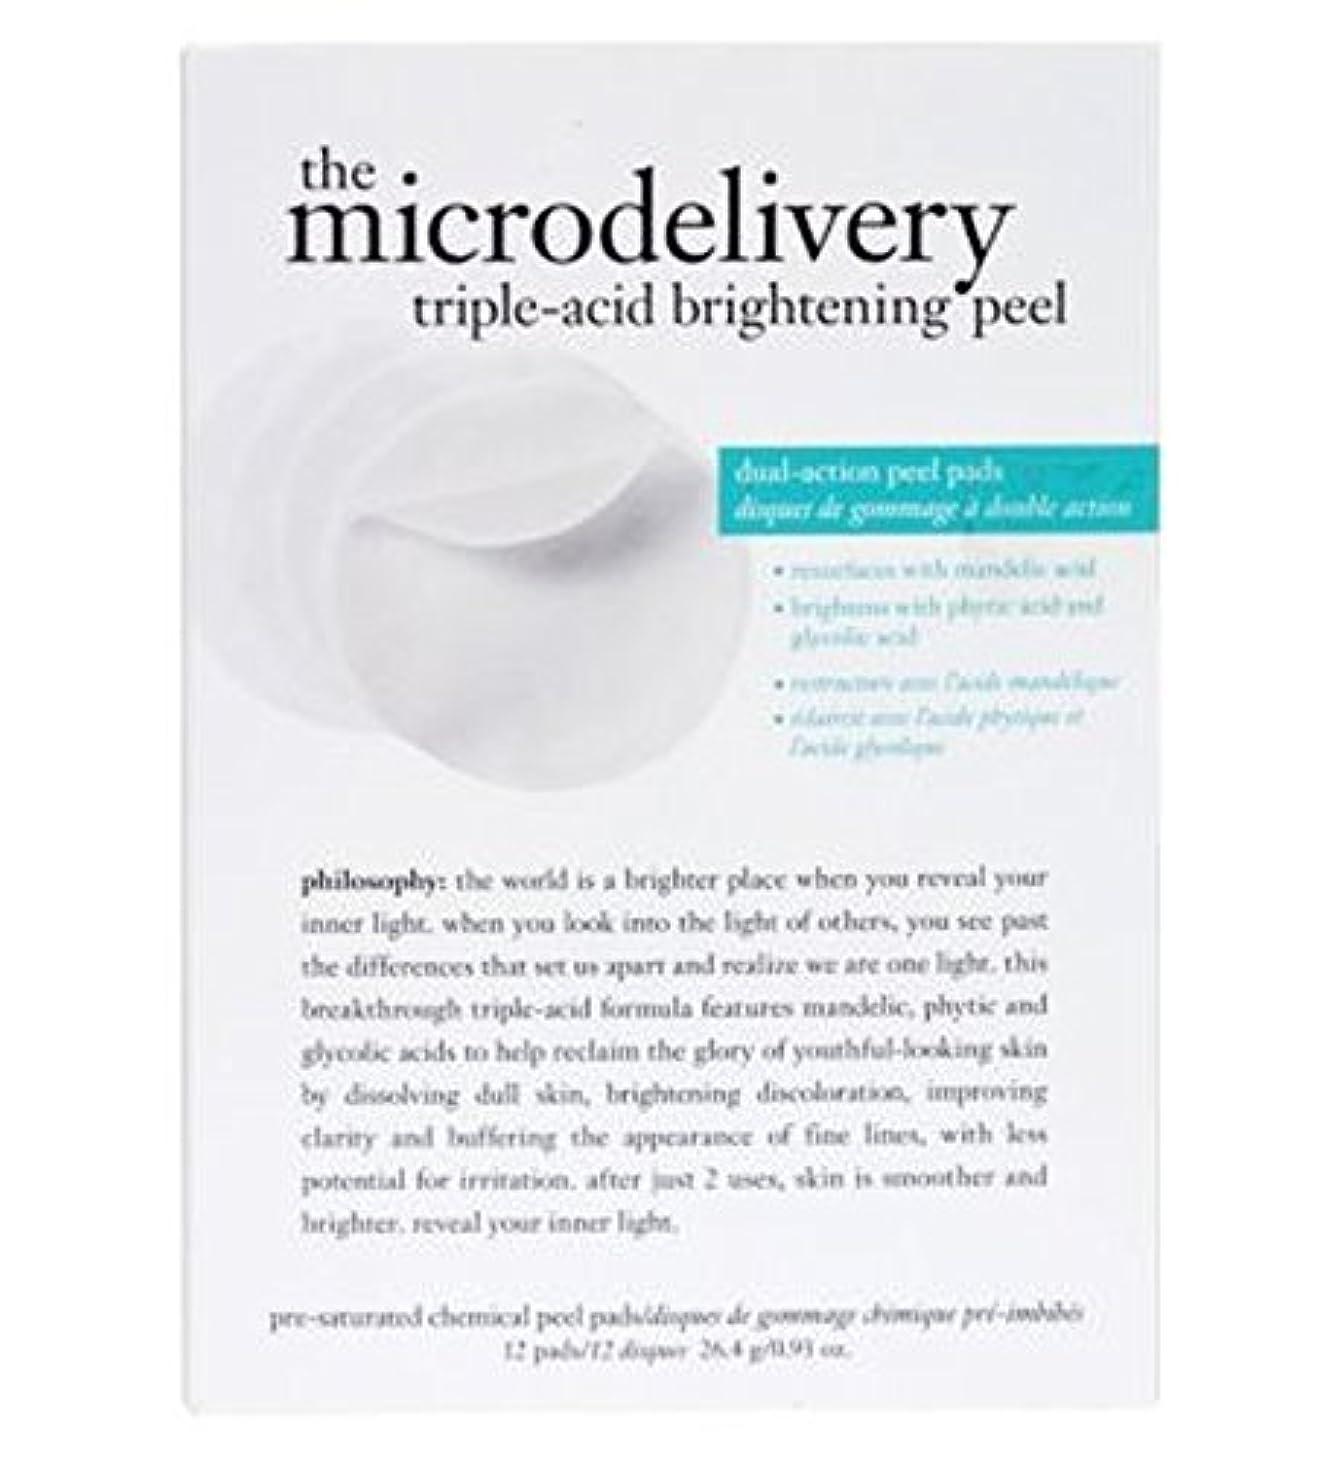 腐敗メイドトランスペアレントphilosophy the microdelivery triple-acid brightening peel - 哲学ミクロ送達トリプル酸増白皮 (Philosophy) [並行輸入品]